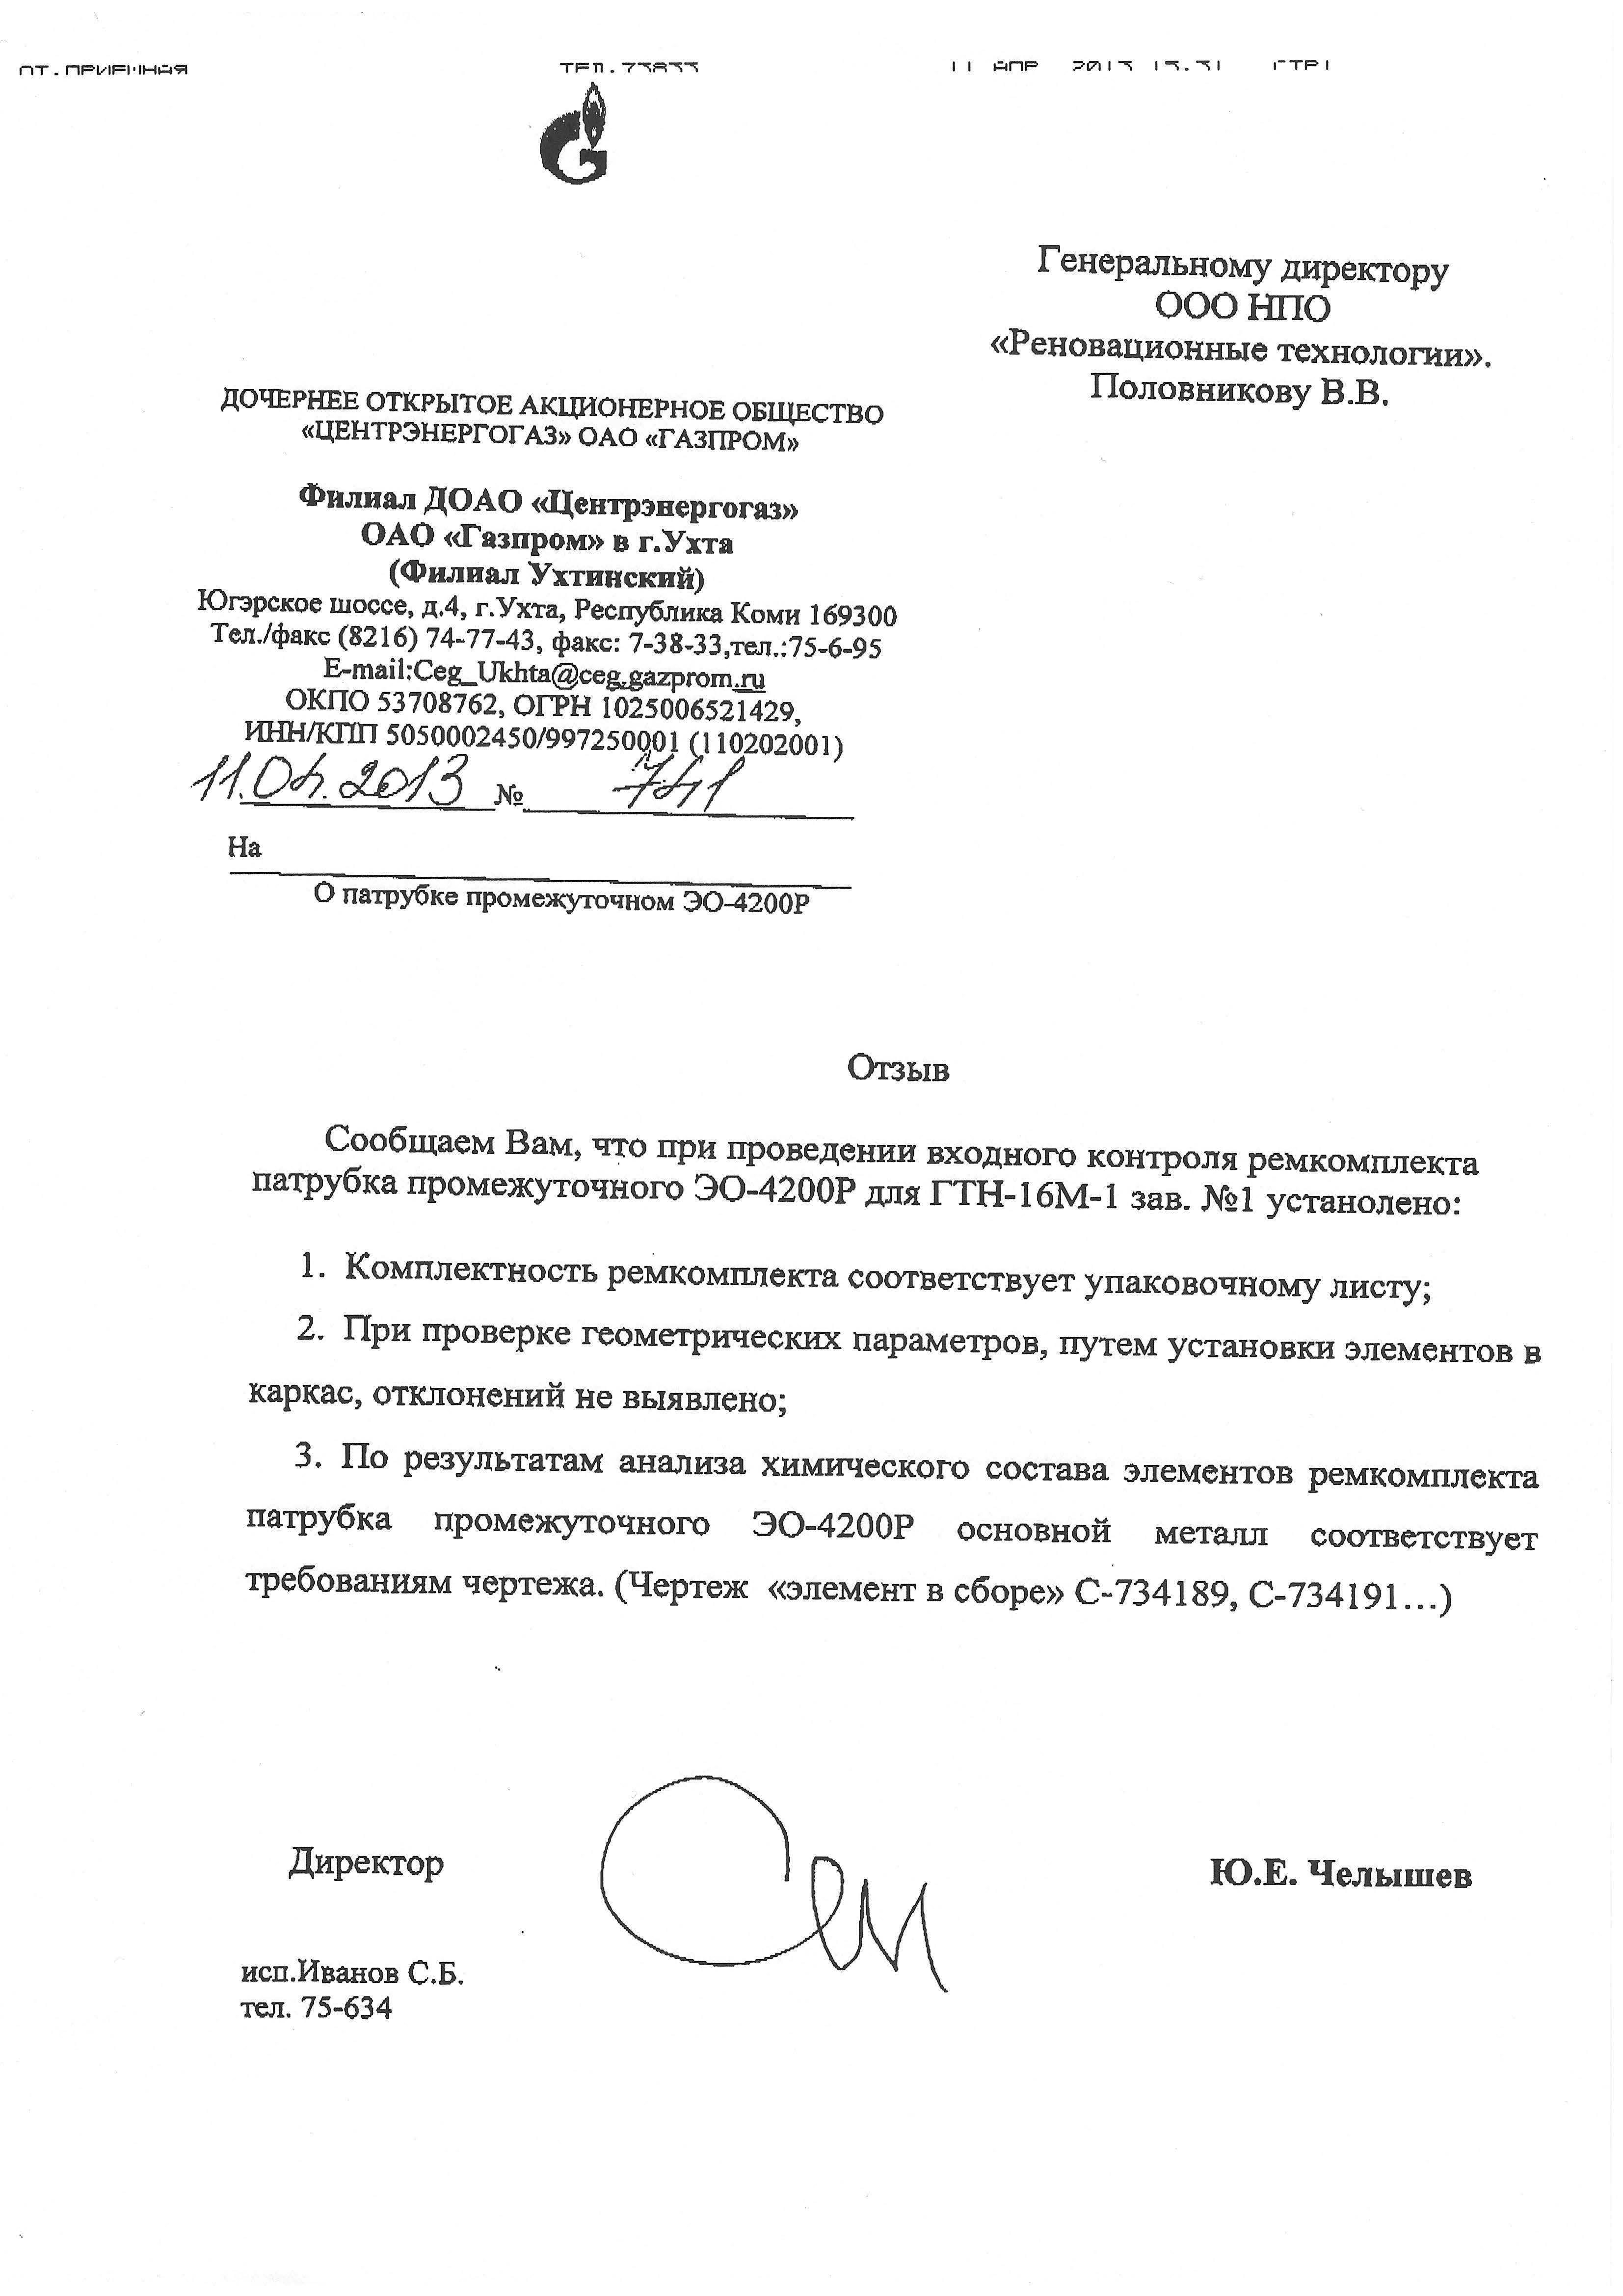 П-у №741 от 2013.04.11 (Отзыв о патрубке промежуточном ЭО-4200Р)